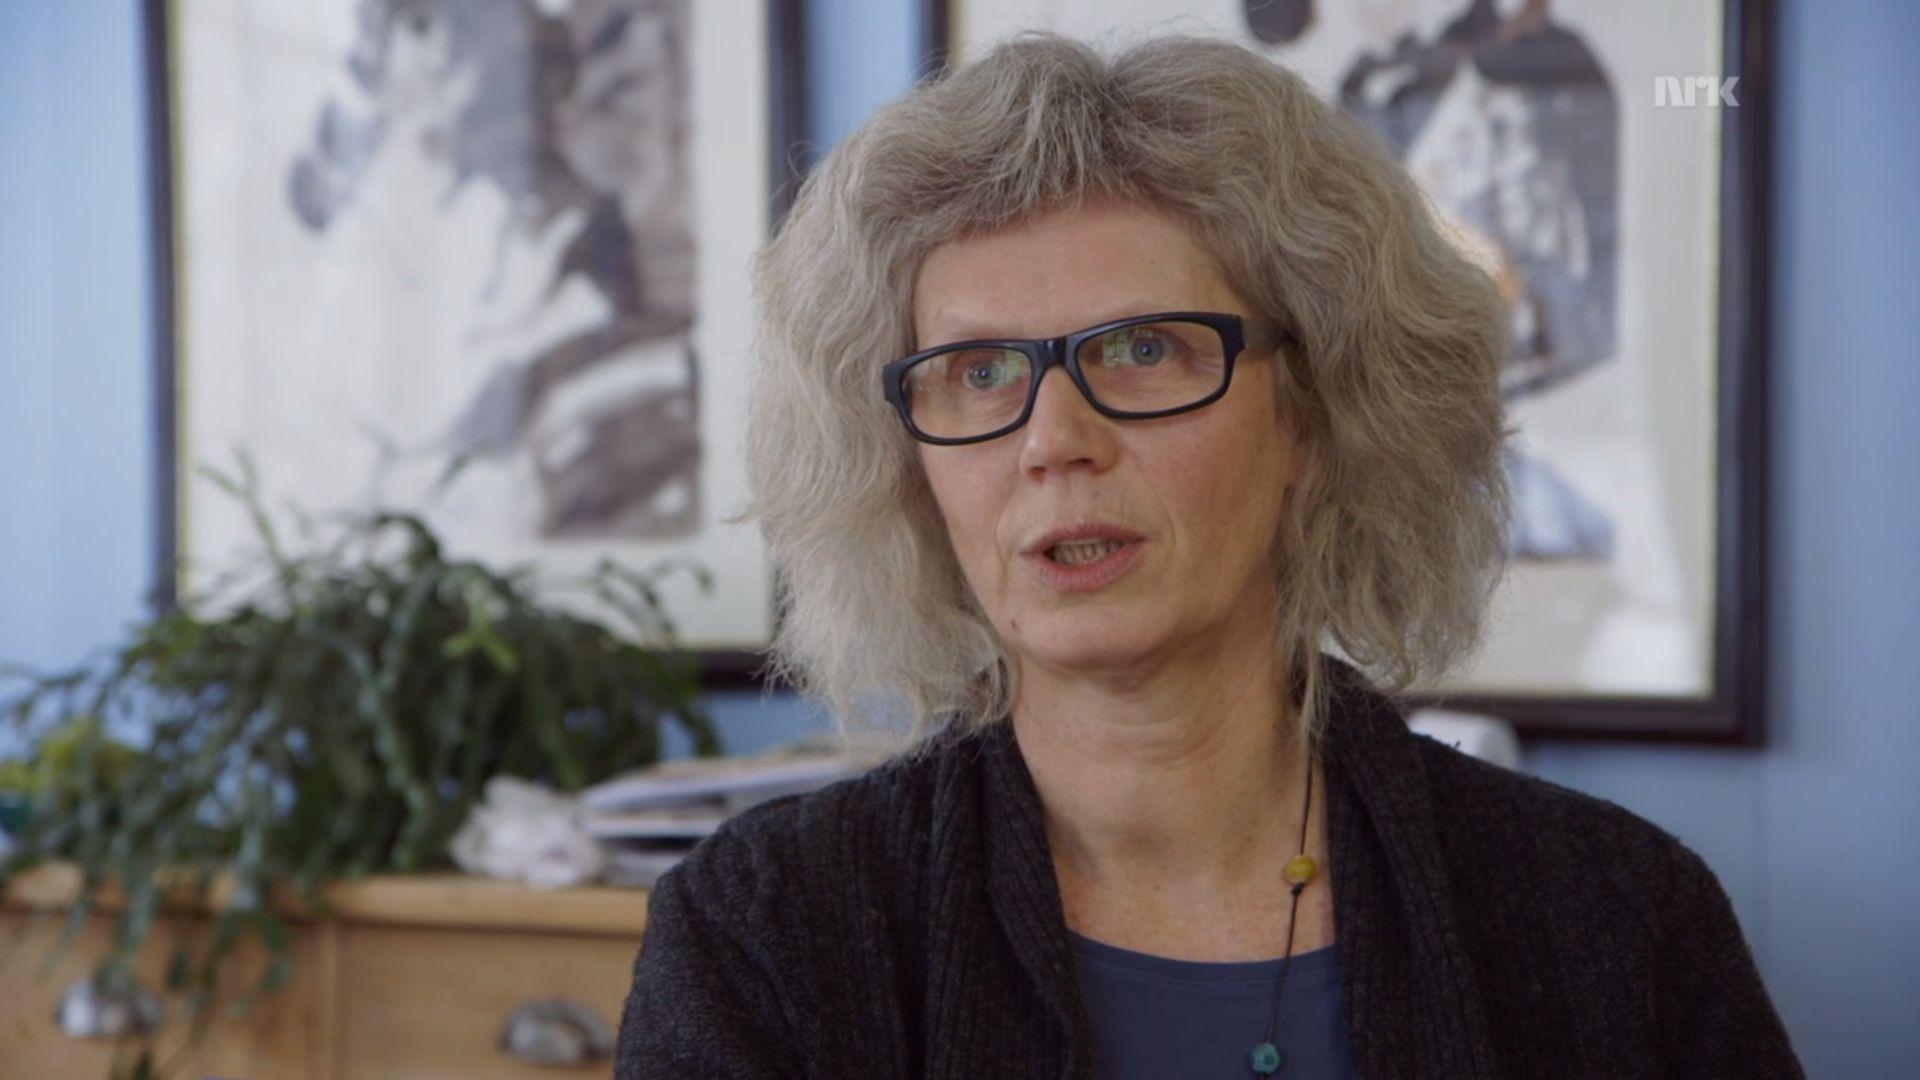 Sissel Halmøy er utdannet sivilingeniør og leder av Folkets Strålevern. Hun er skråsikker på at hun, og mange andre, har blitt alvorlig syke av elektromagnetisk stråling.